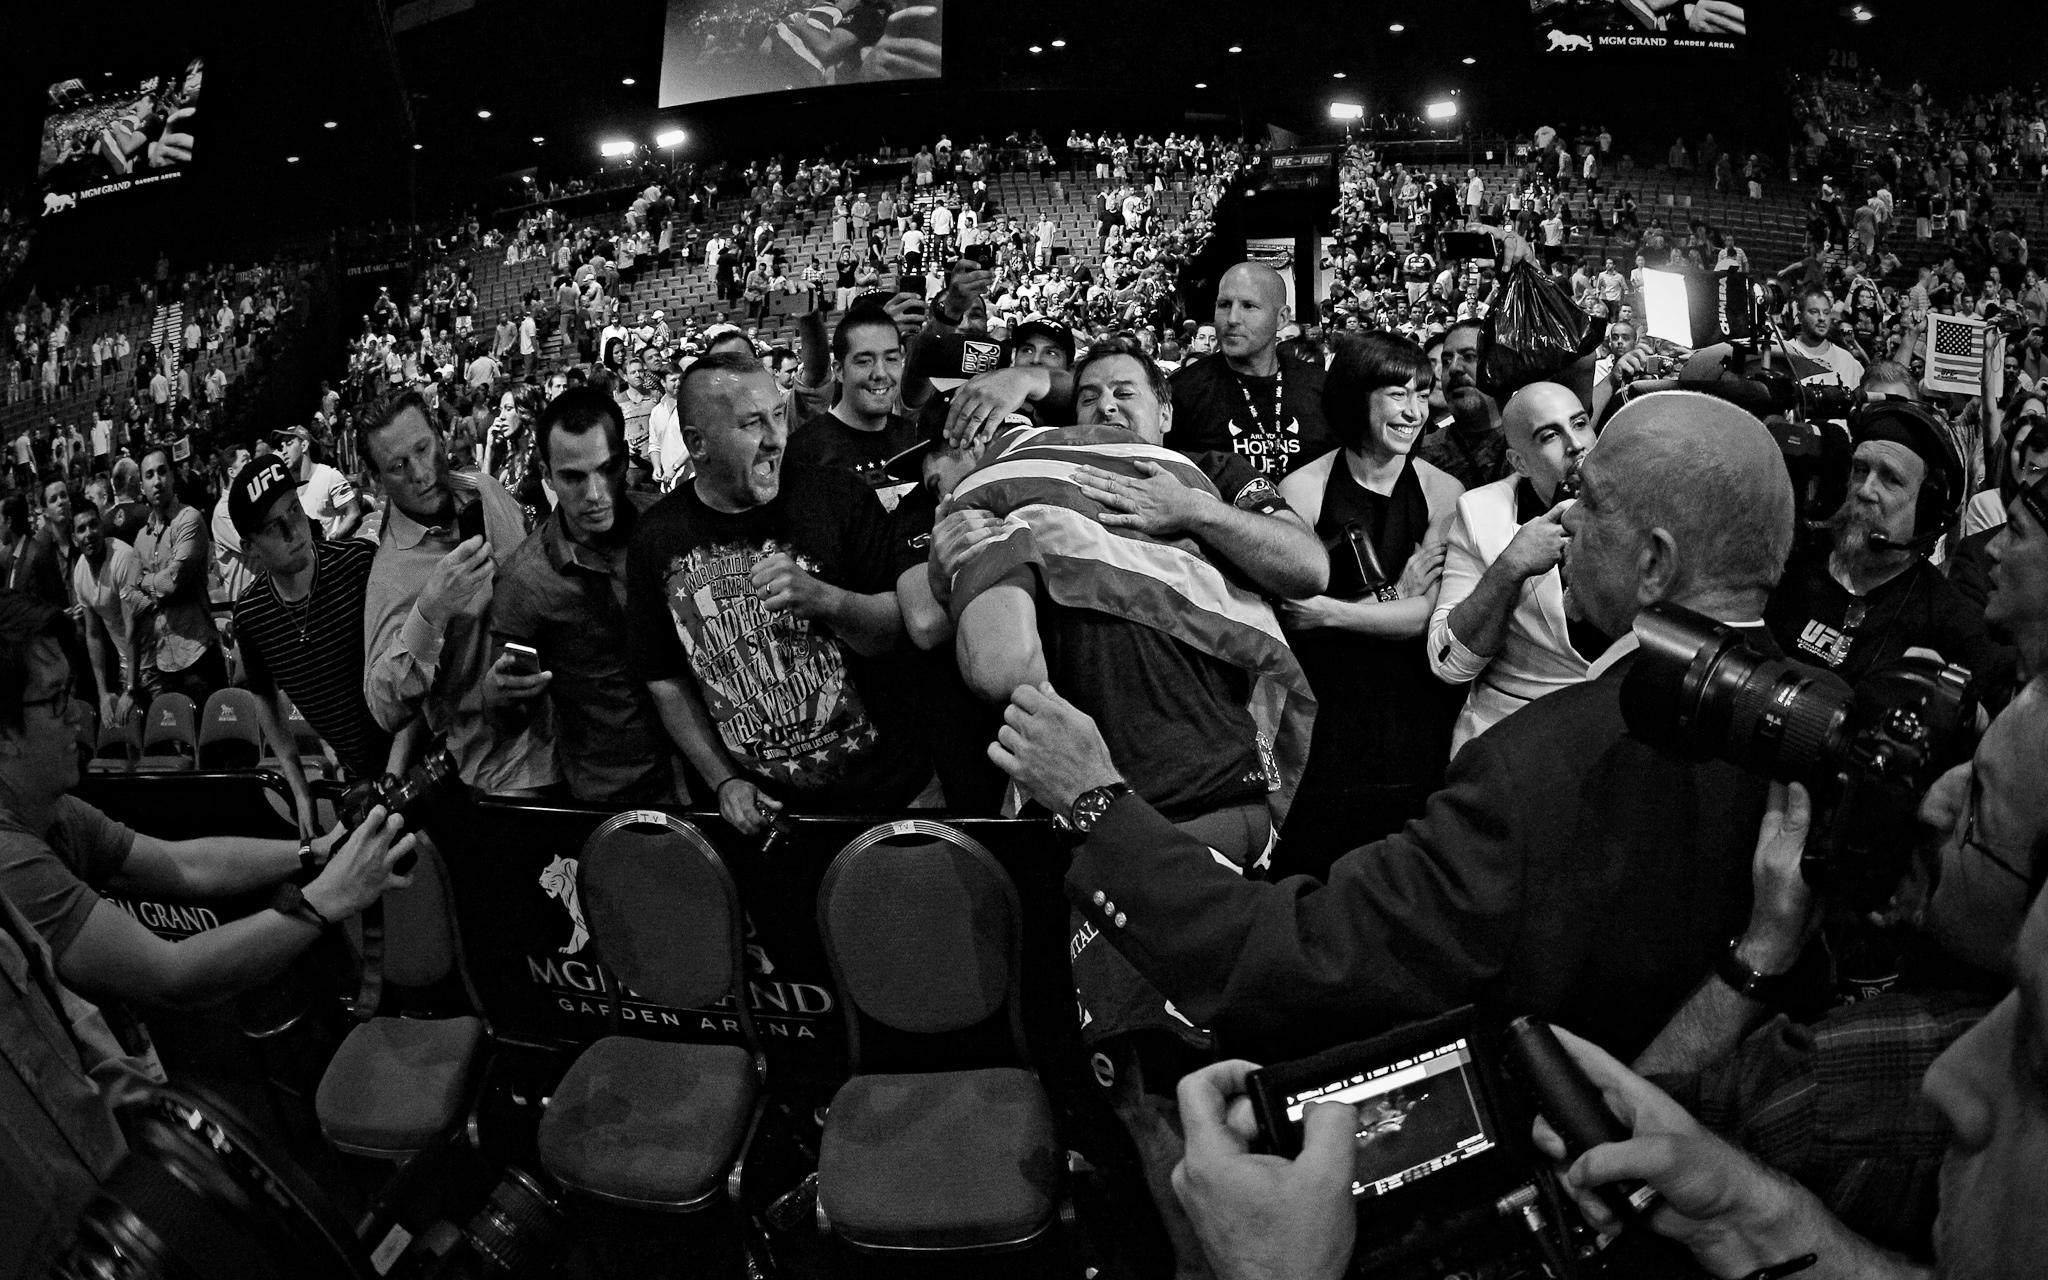 Chris Weidman hugs Anderson Silva